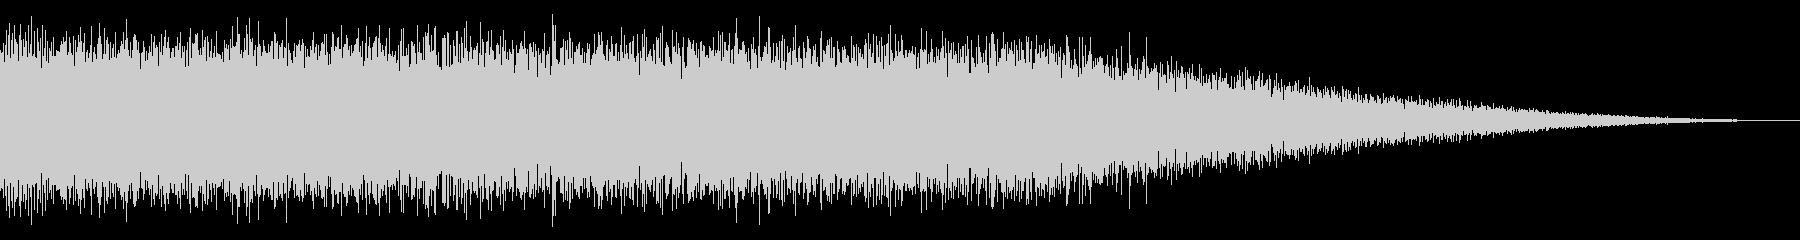 戦車の走行音/キャタピラの効果音06の未再生の波形